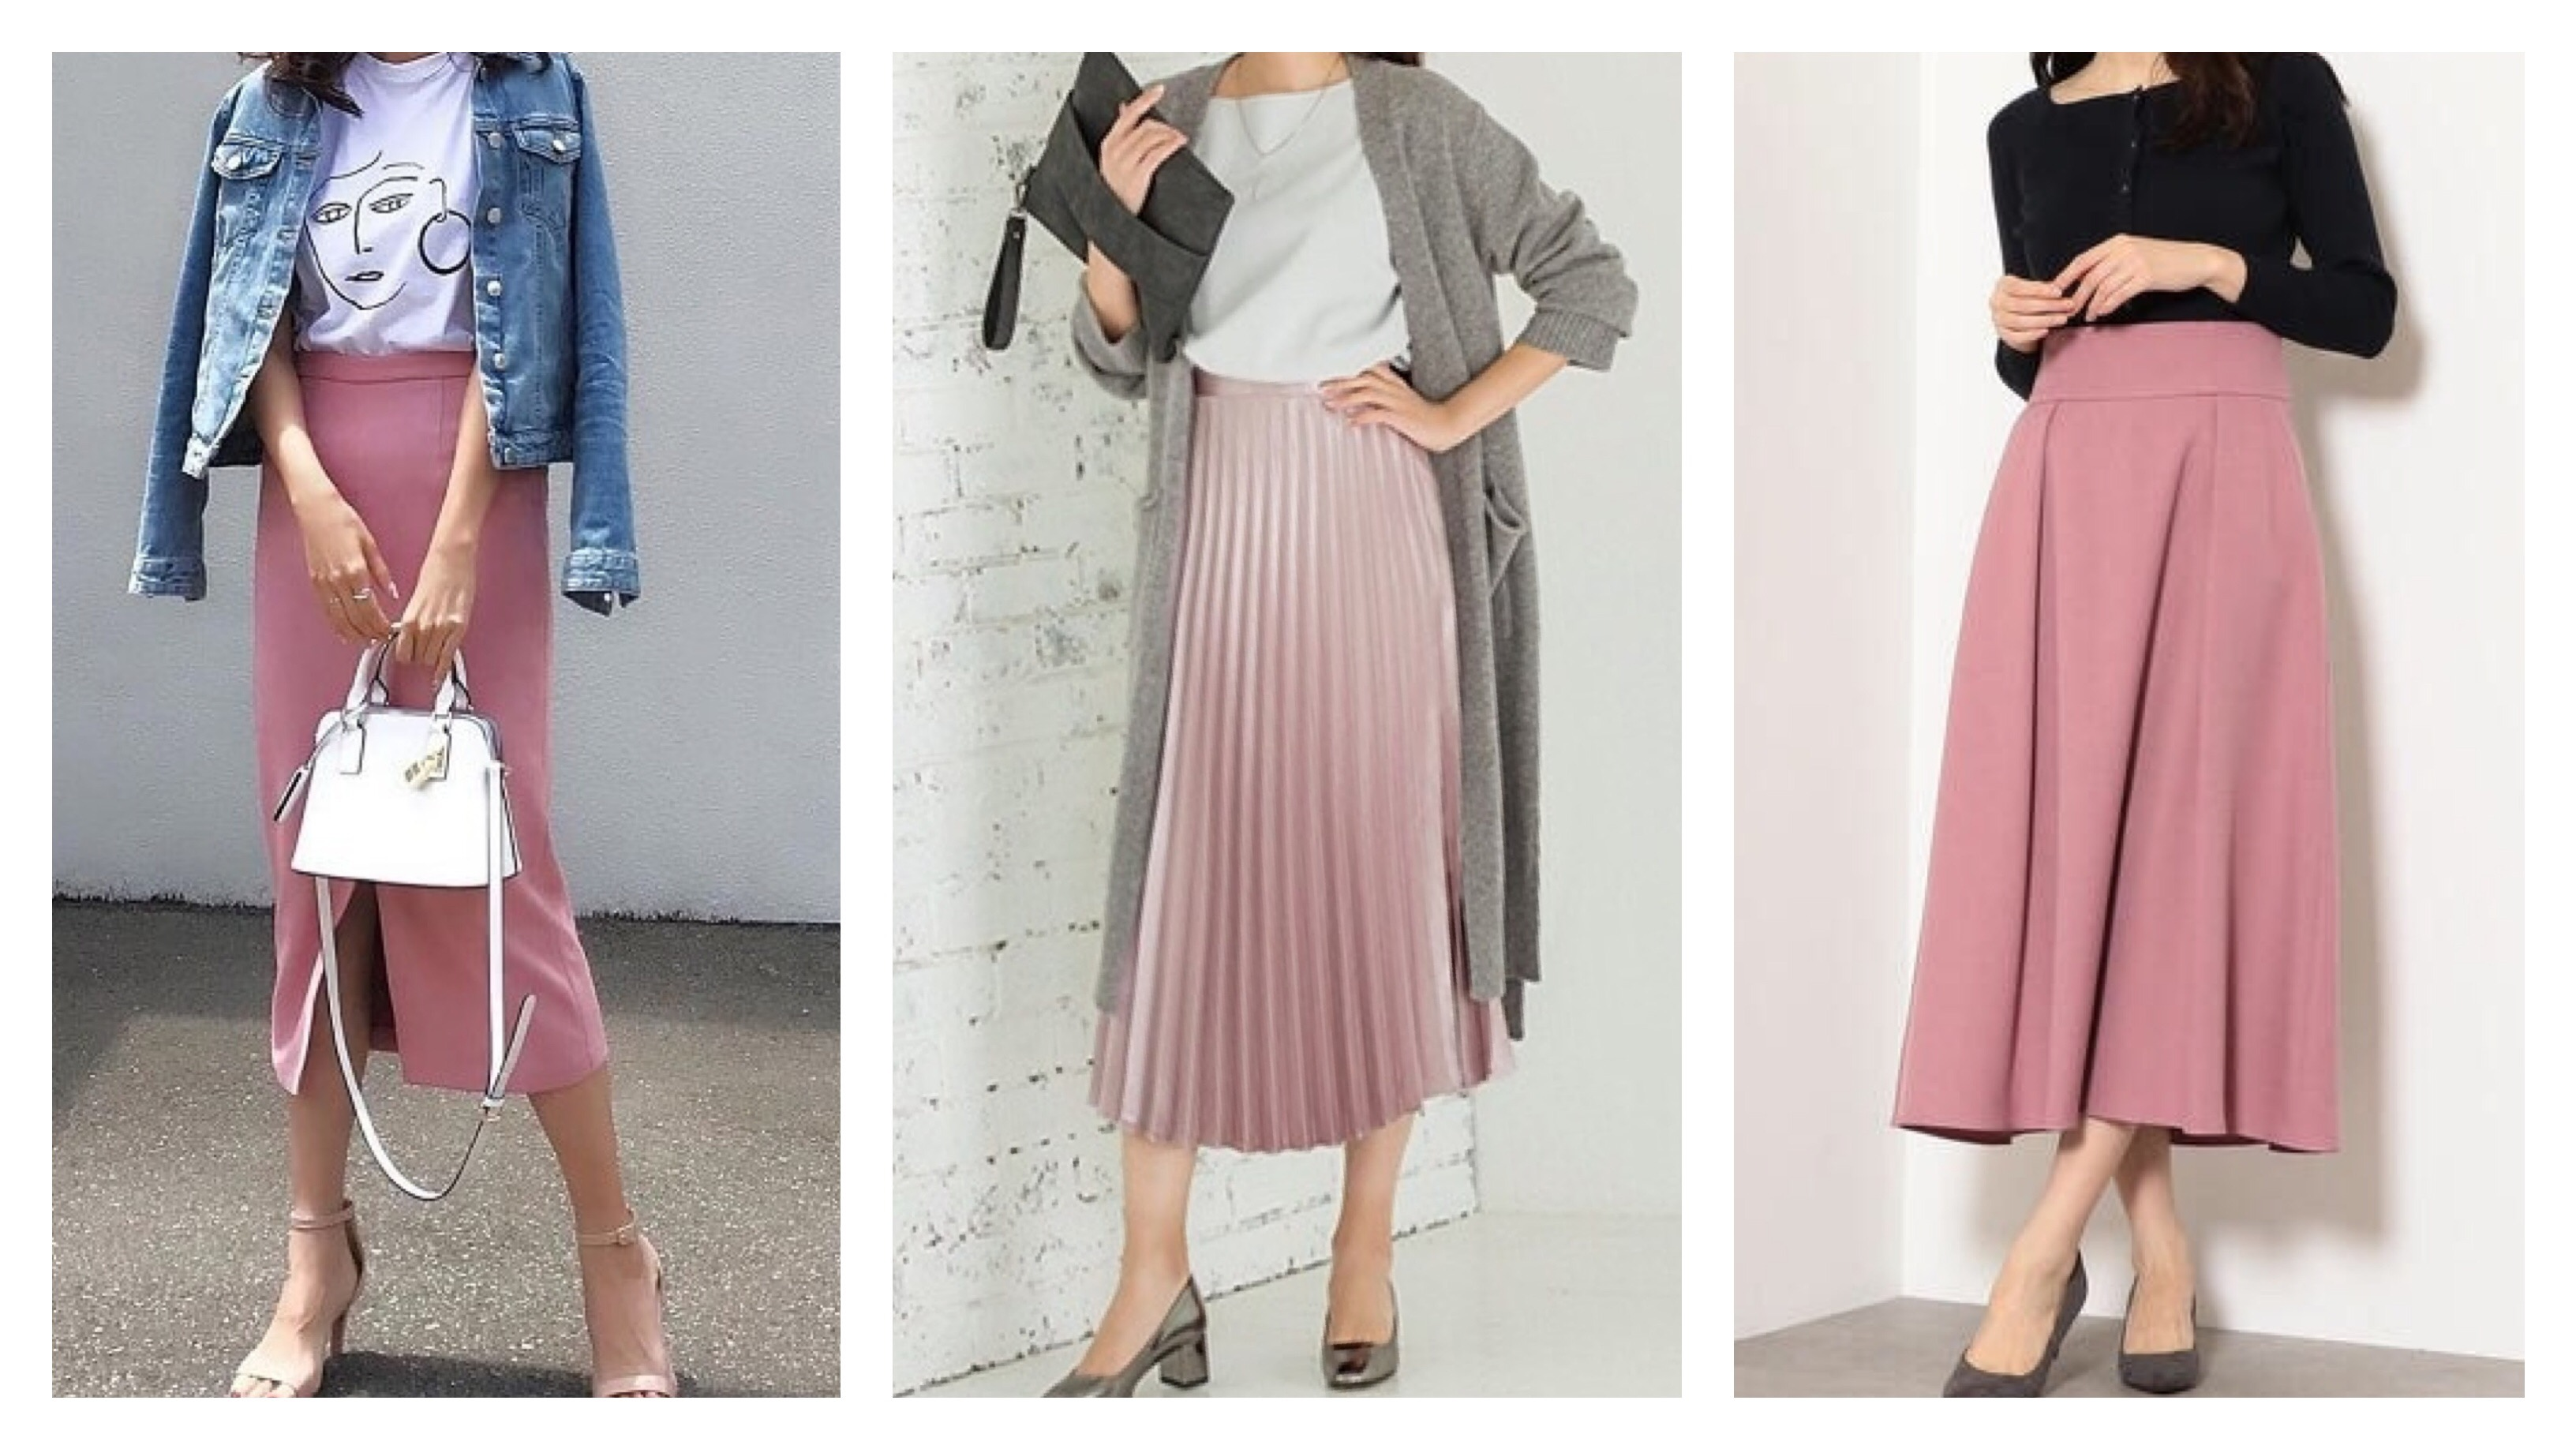 くすみピンク色(ダスティピンク)のスカートを取り入れたコーデ写真